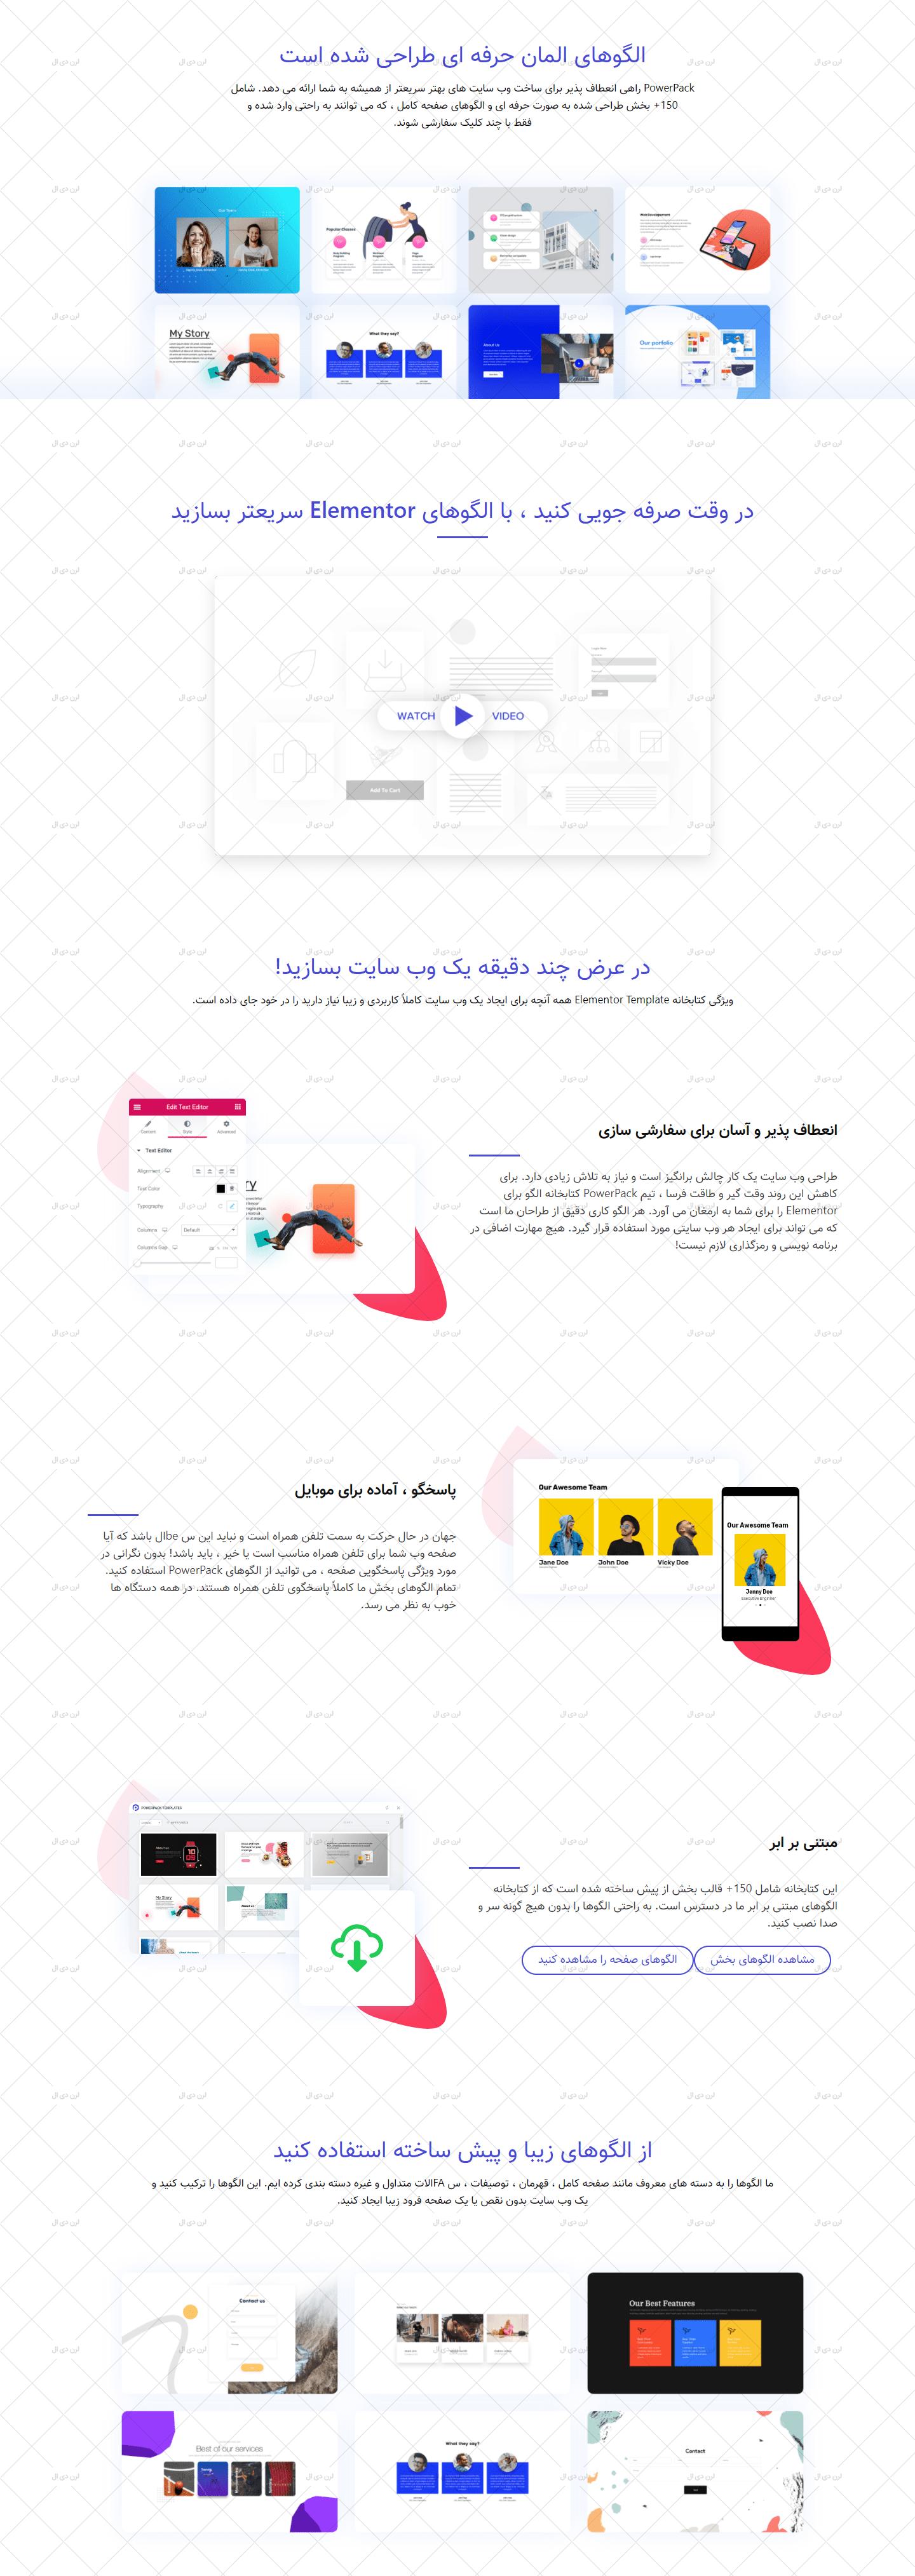 افزودنی Power Pack Pro برای المنتور نسخه فارسی سازی شده